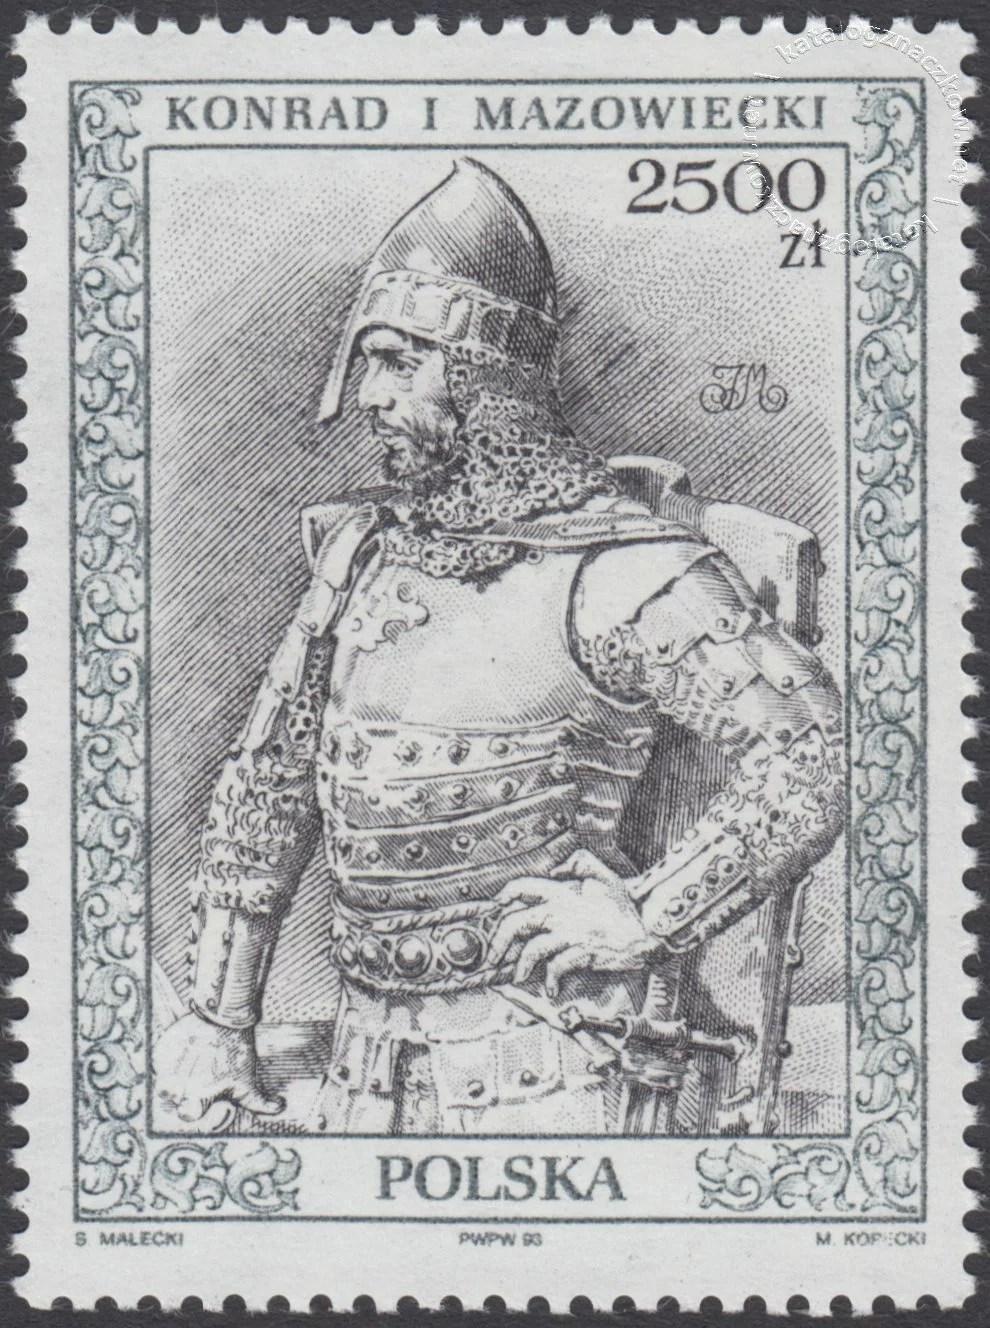 Poczet królów i książąt polskich znaczek nr 3288